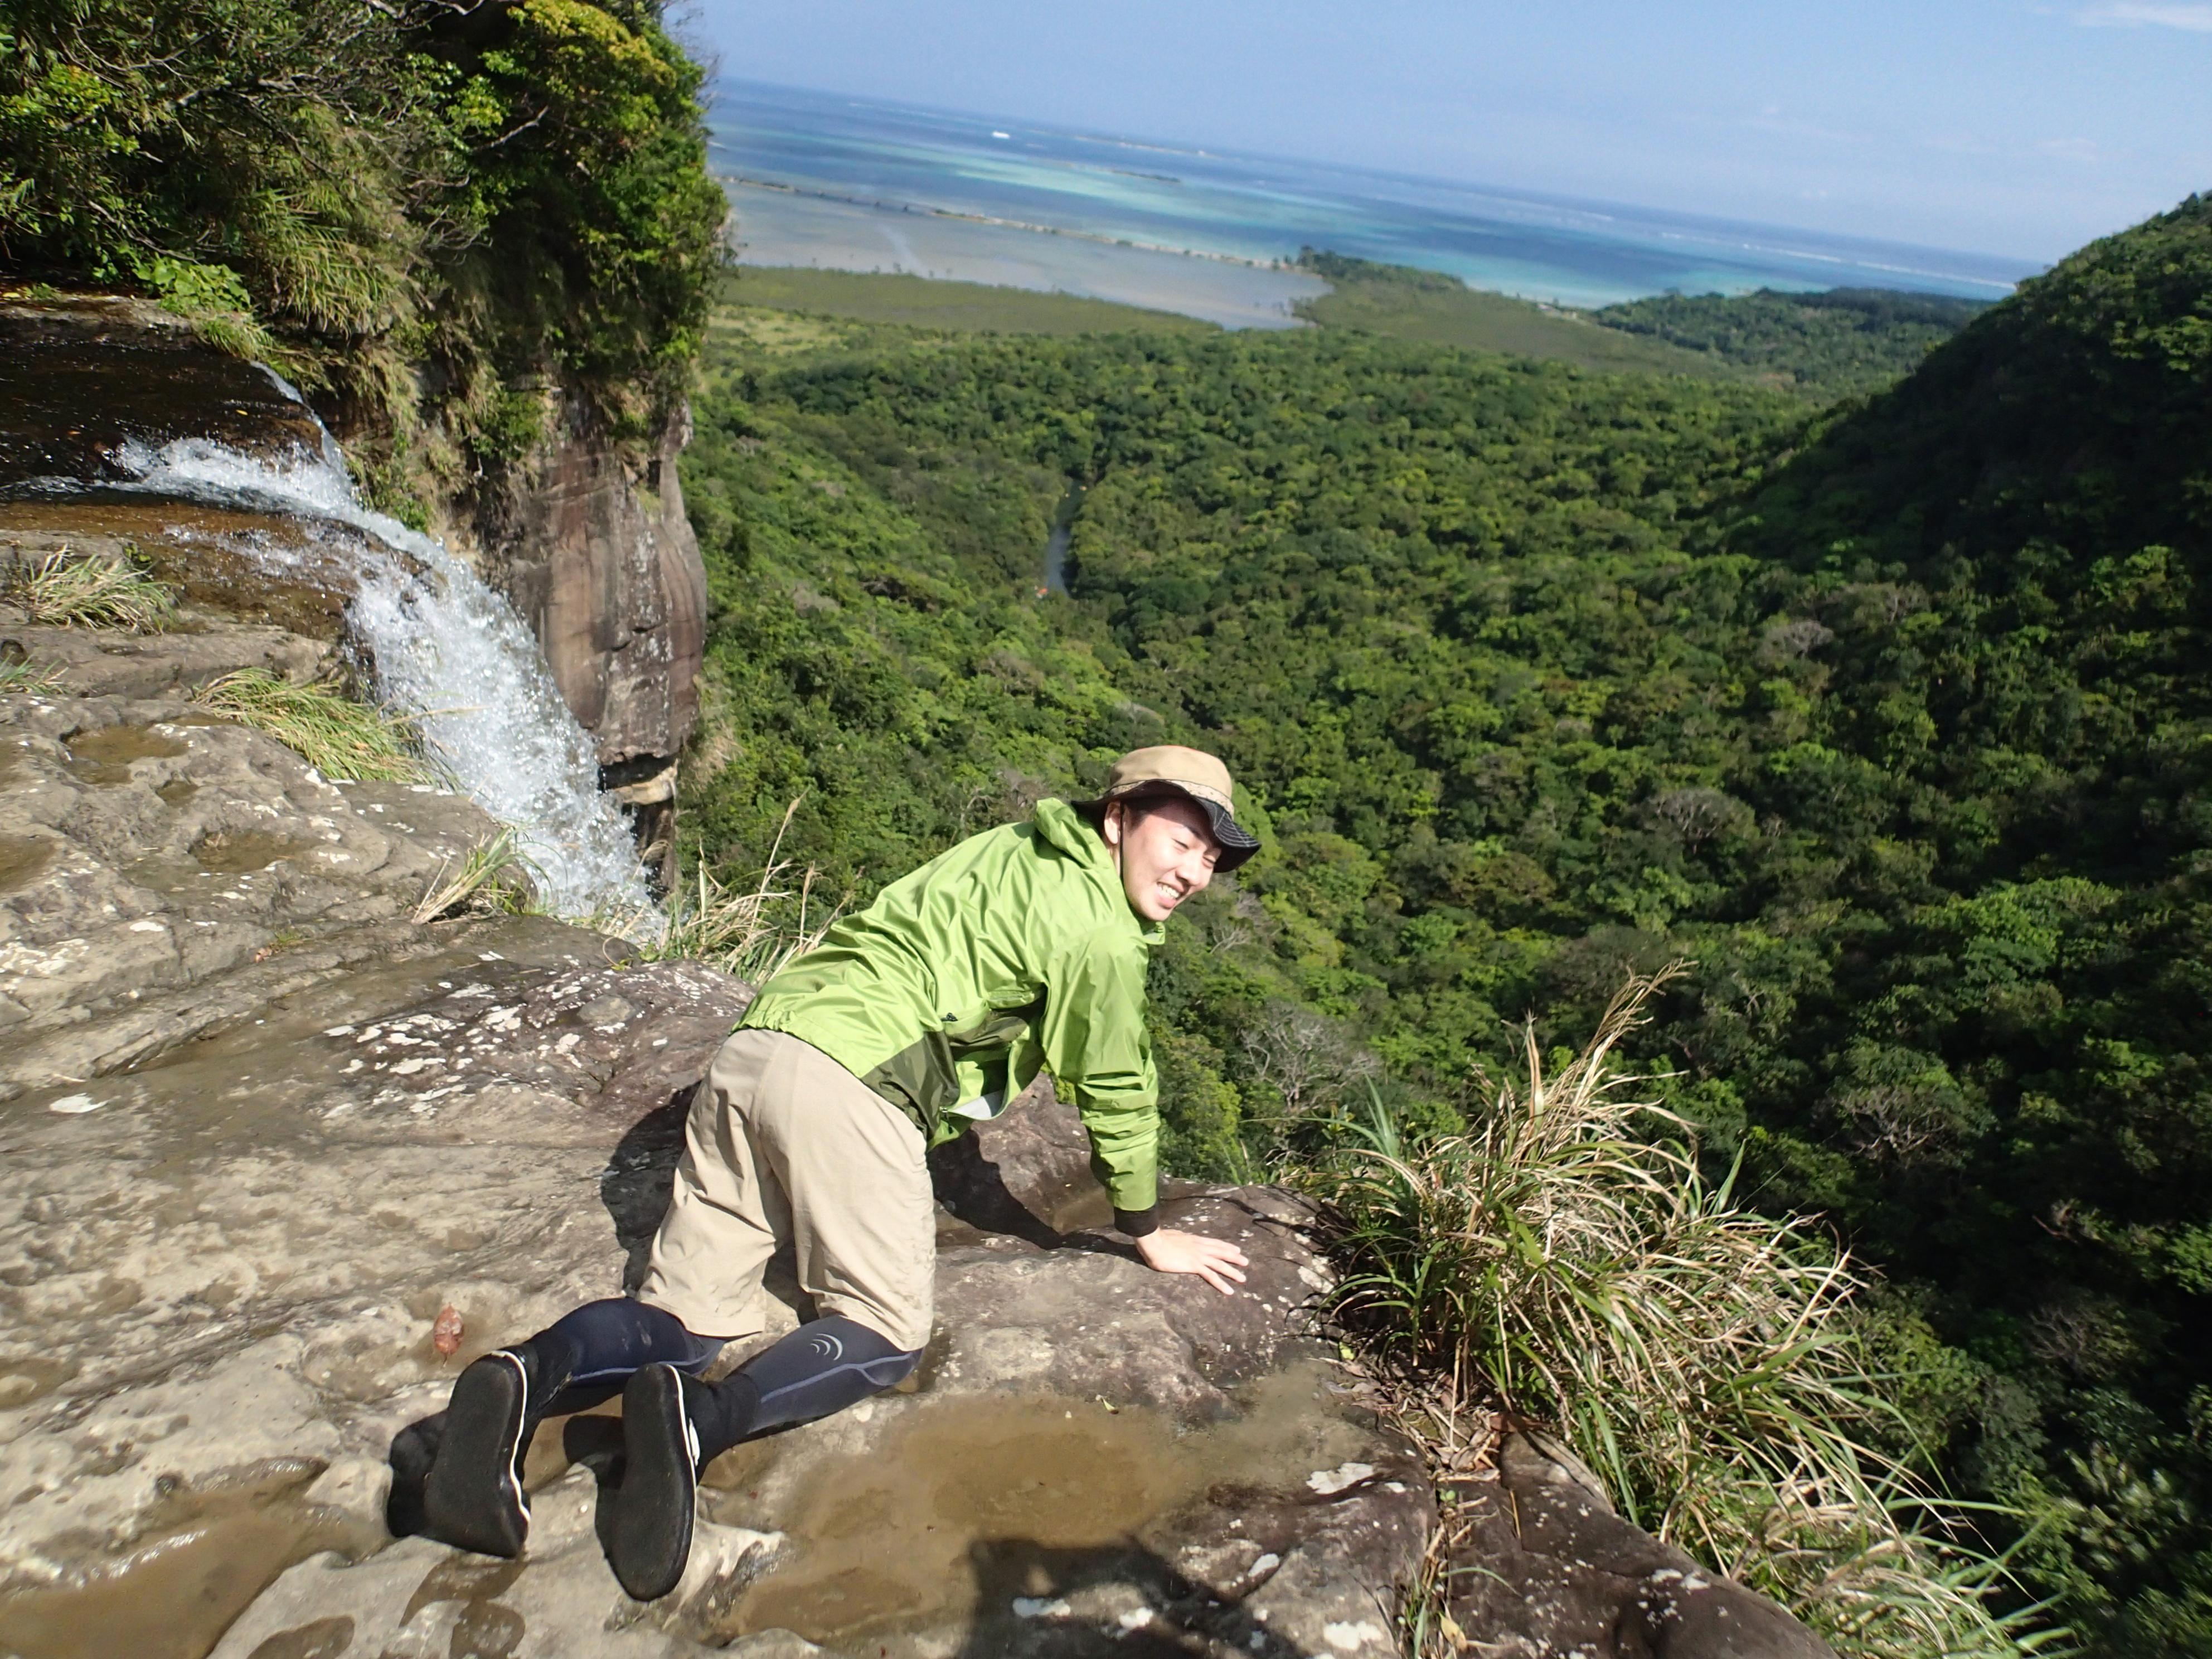 ピナイサーラの滝上からの絶景